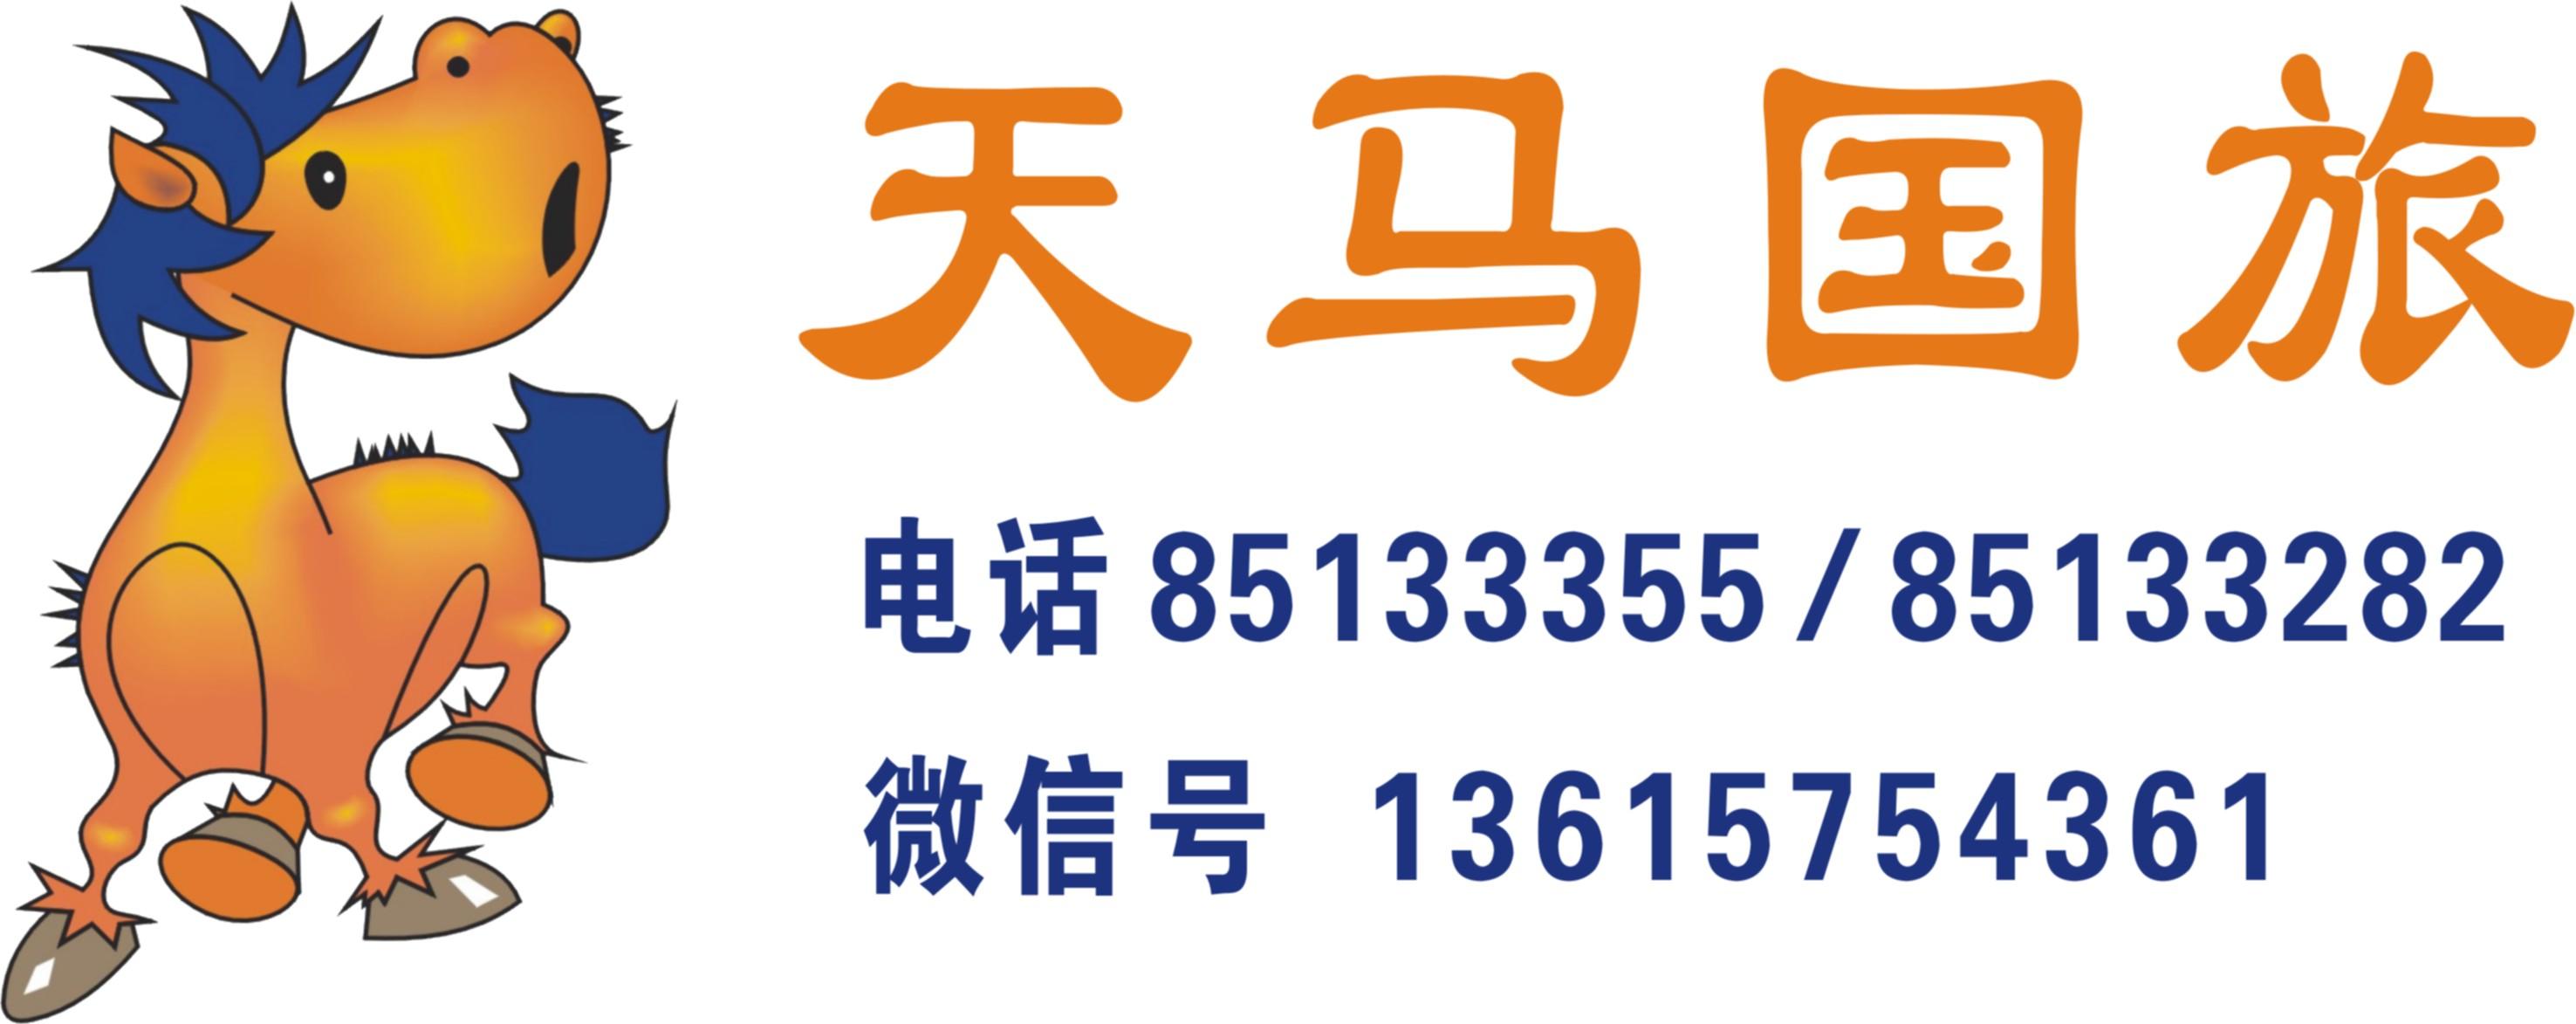 5.1【上海长风海底、城隍庙外滩、迪士尼、kitty三日】